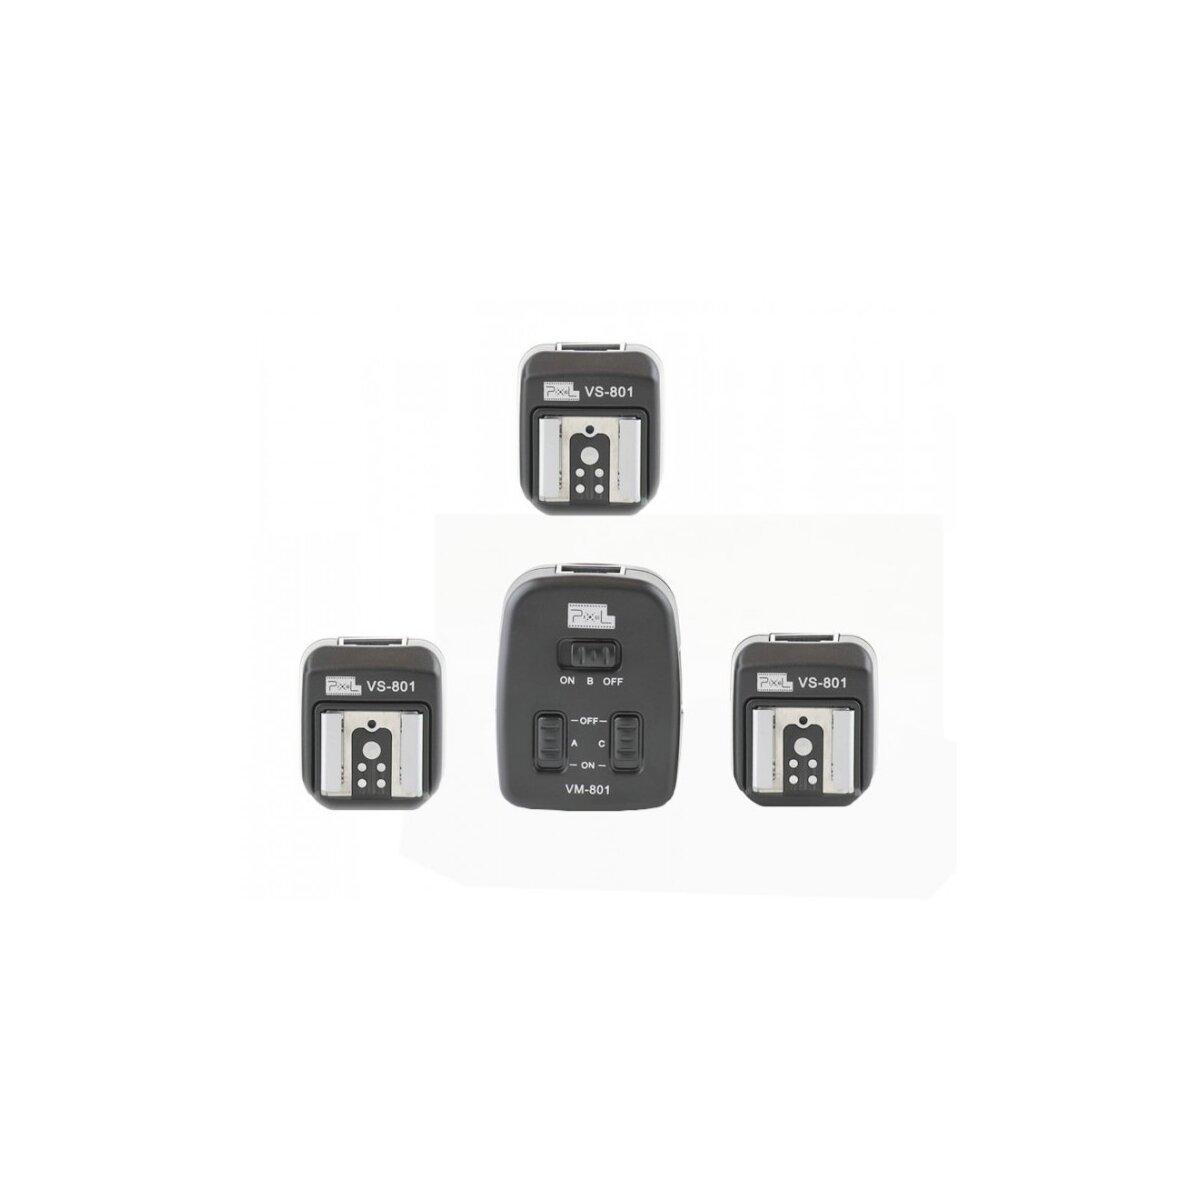 PIXEL Triple TTL-Blitzkabel (2x 2m und 4m) mit 3 Empfängern - kompatibel mit Canon Speedlite 600EX-RT, 580EX II, 580EX, 550EX, 540EZ, 430EX II, 430EX, 420EX, 380EX, 320EX, 270EX II, 270EX, 220EX - Ersatz für OC-E3